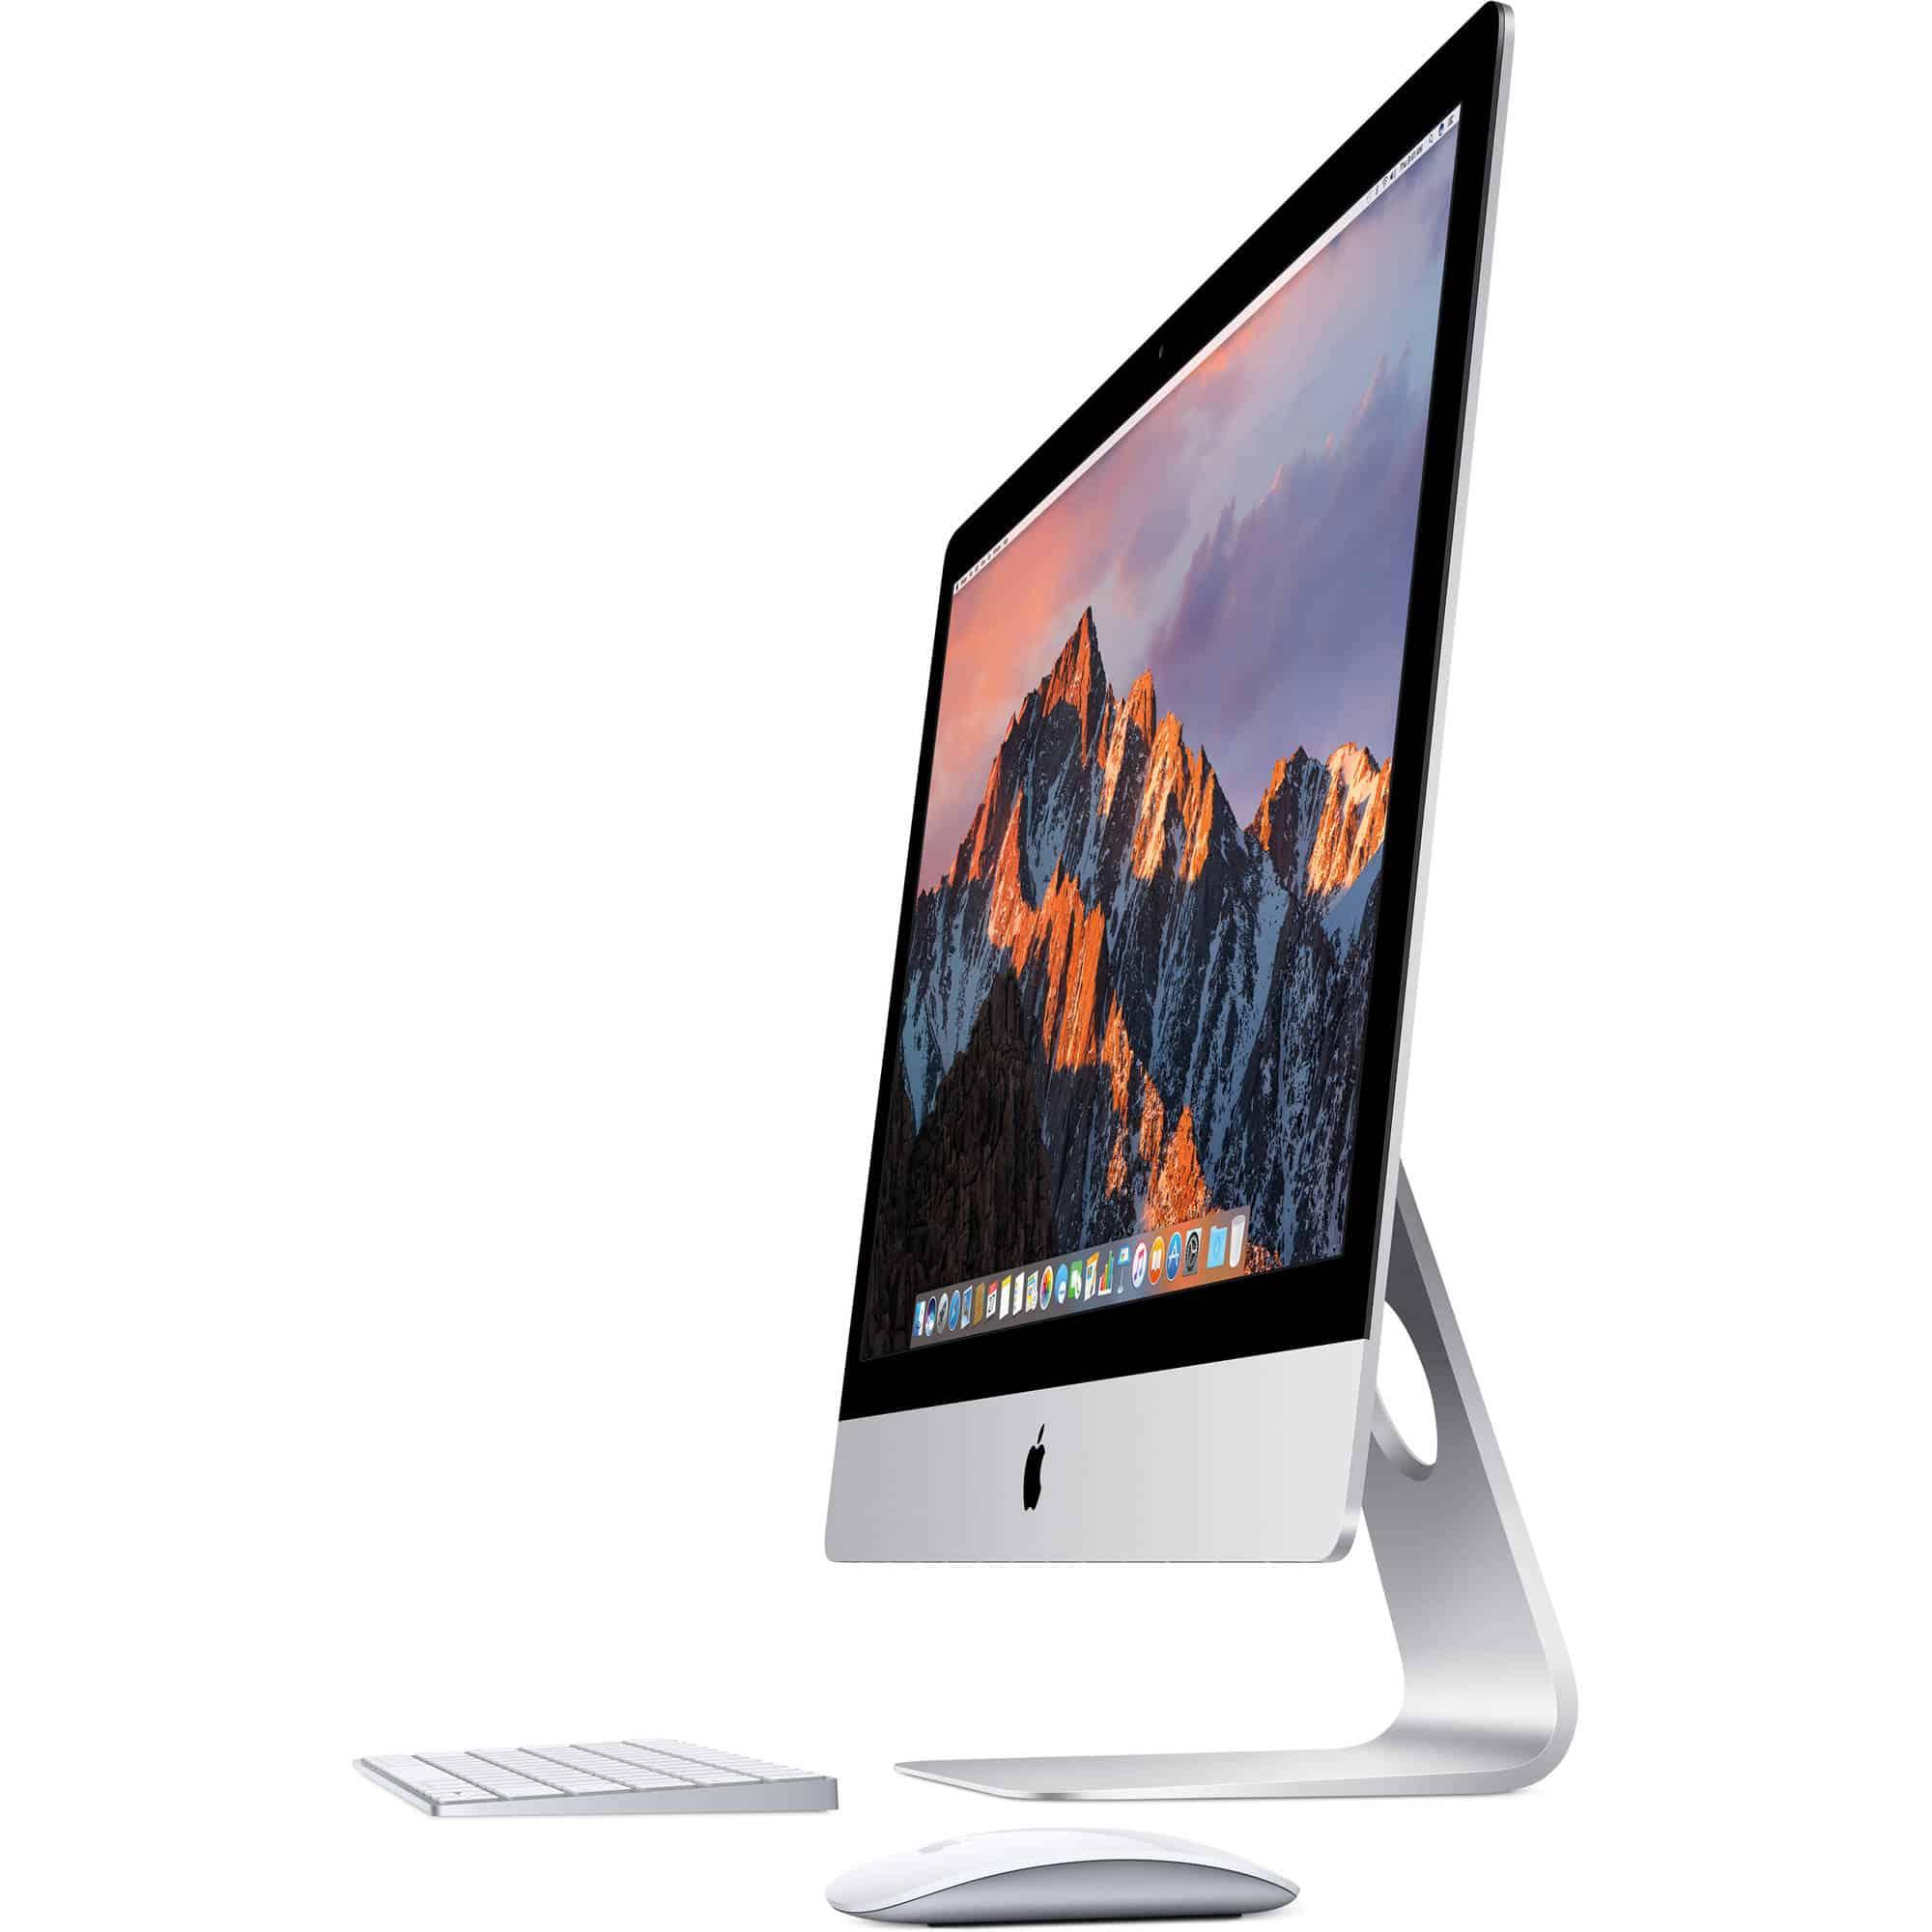 Apple Deals For October 2018 Bundling  Case Macbook Matte Save 200 On A 27 Inch Imac With 5k Display